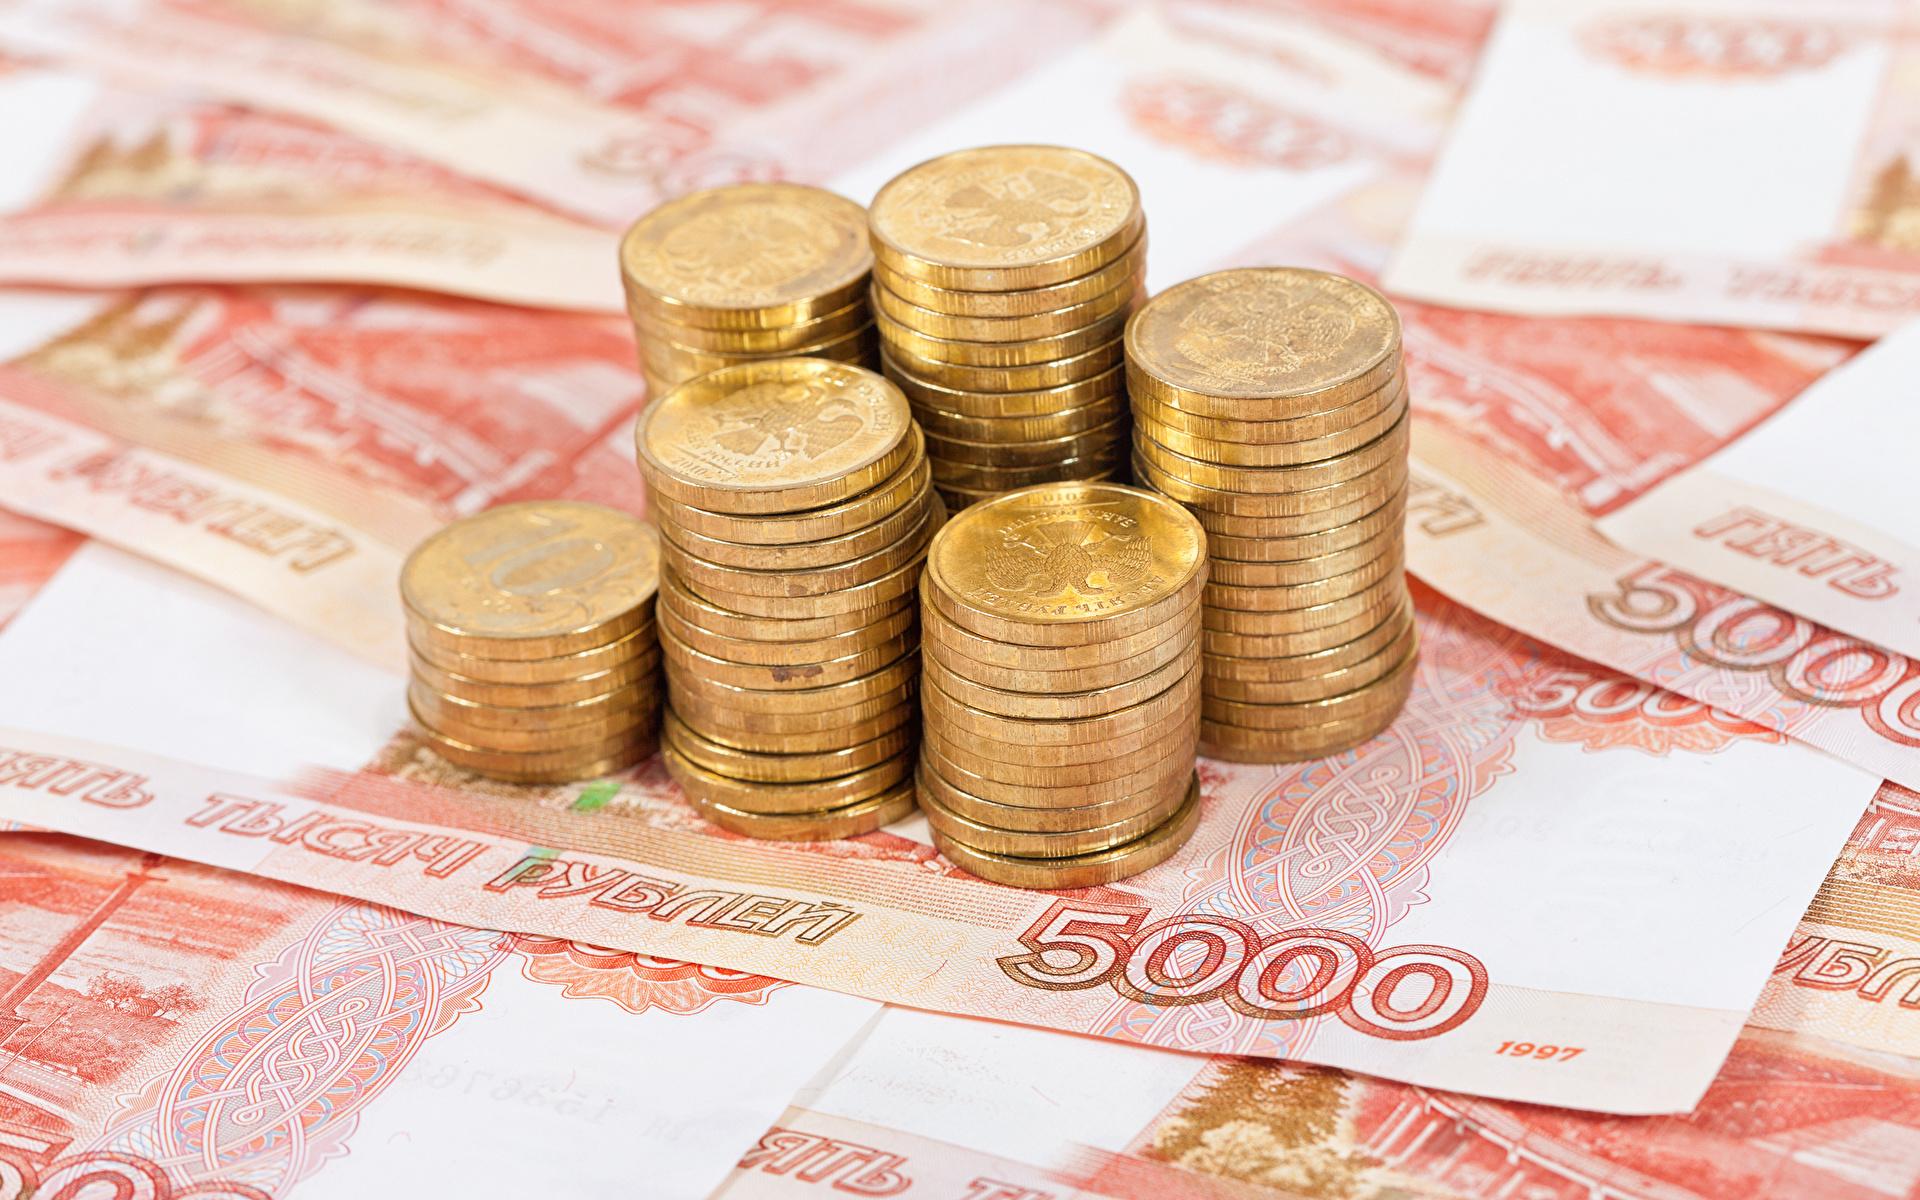 Деньги просто так: россиянам предложили выплачивать по 10 тысяч в месяц